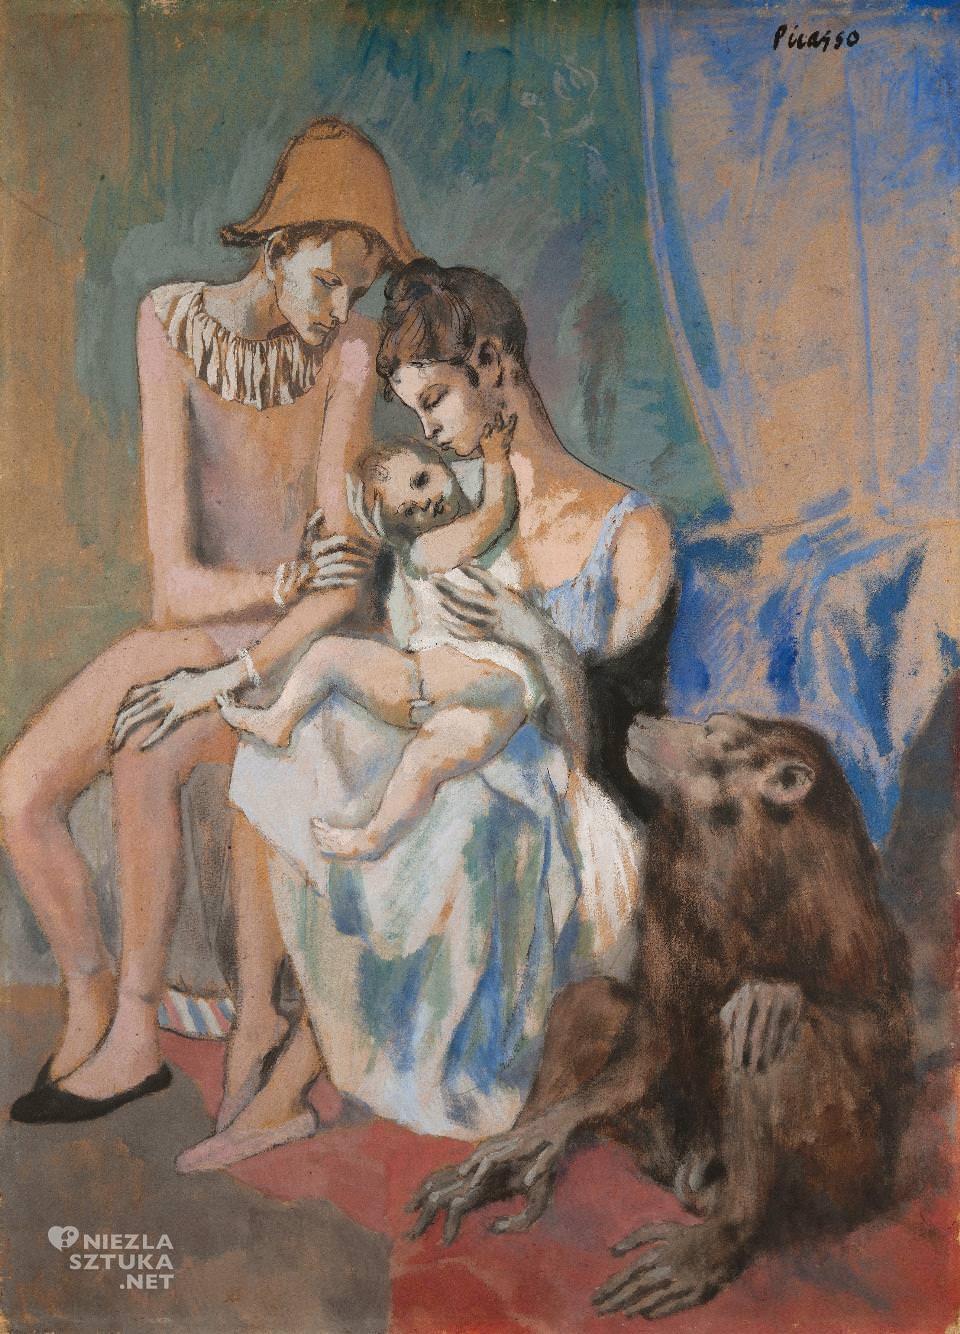 Pablo Picasso, Rodzina akrobatów z małpą, Niezła sztuka